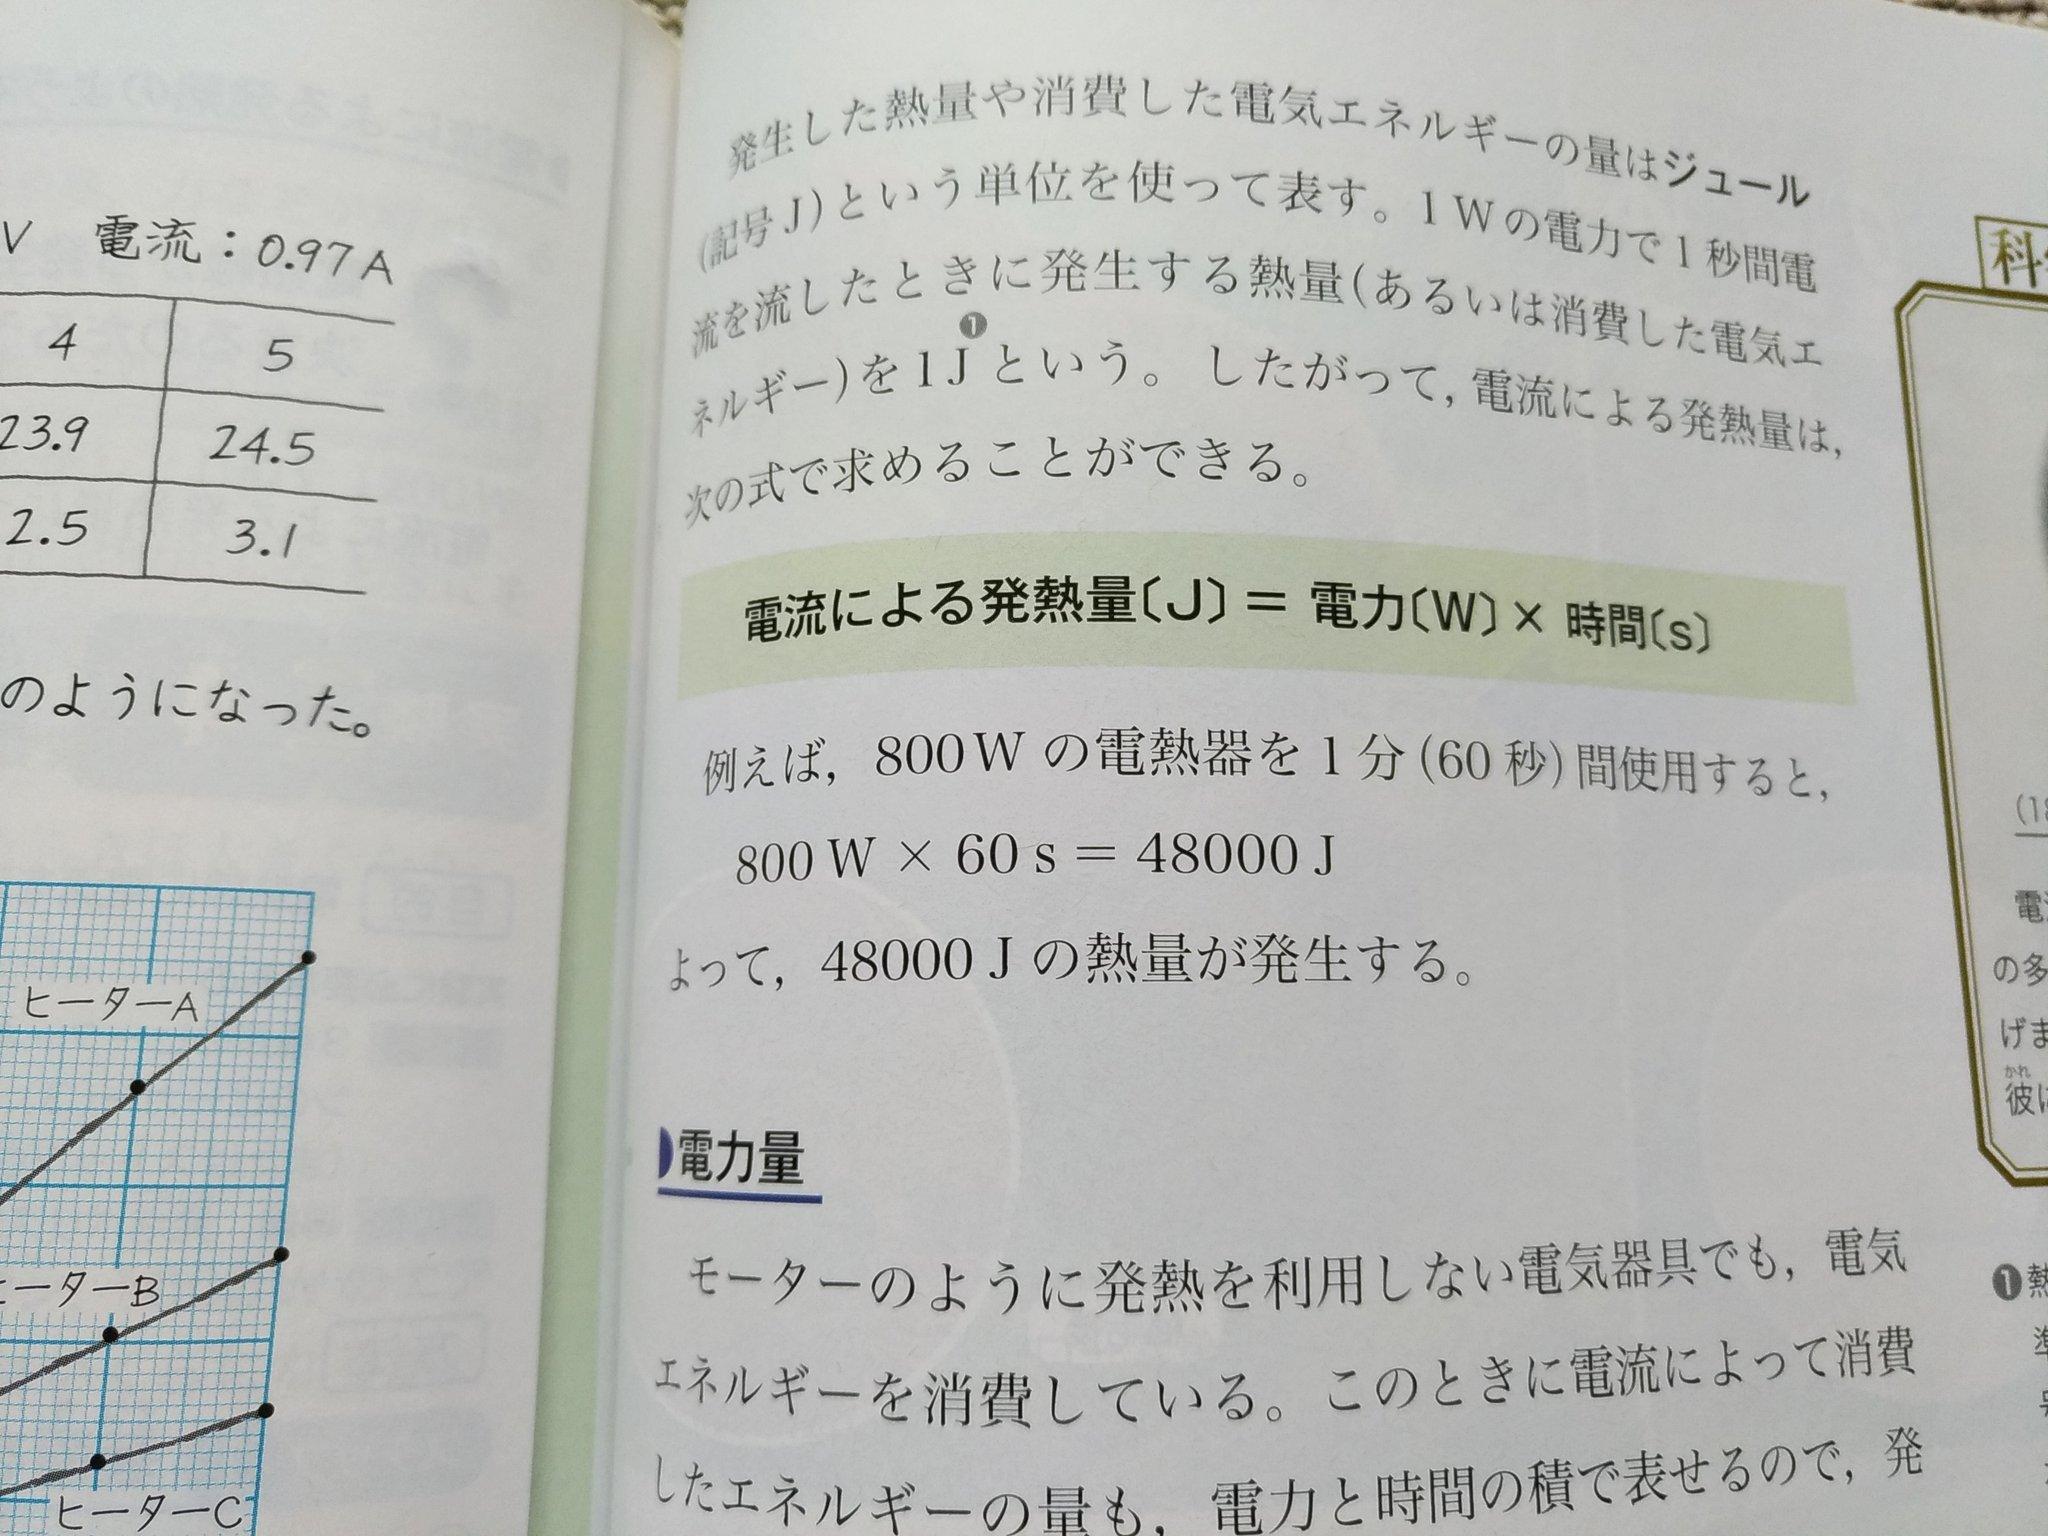 電子レンジでワット数が違う時の温め時間とは?意外と知らない豆知識!